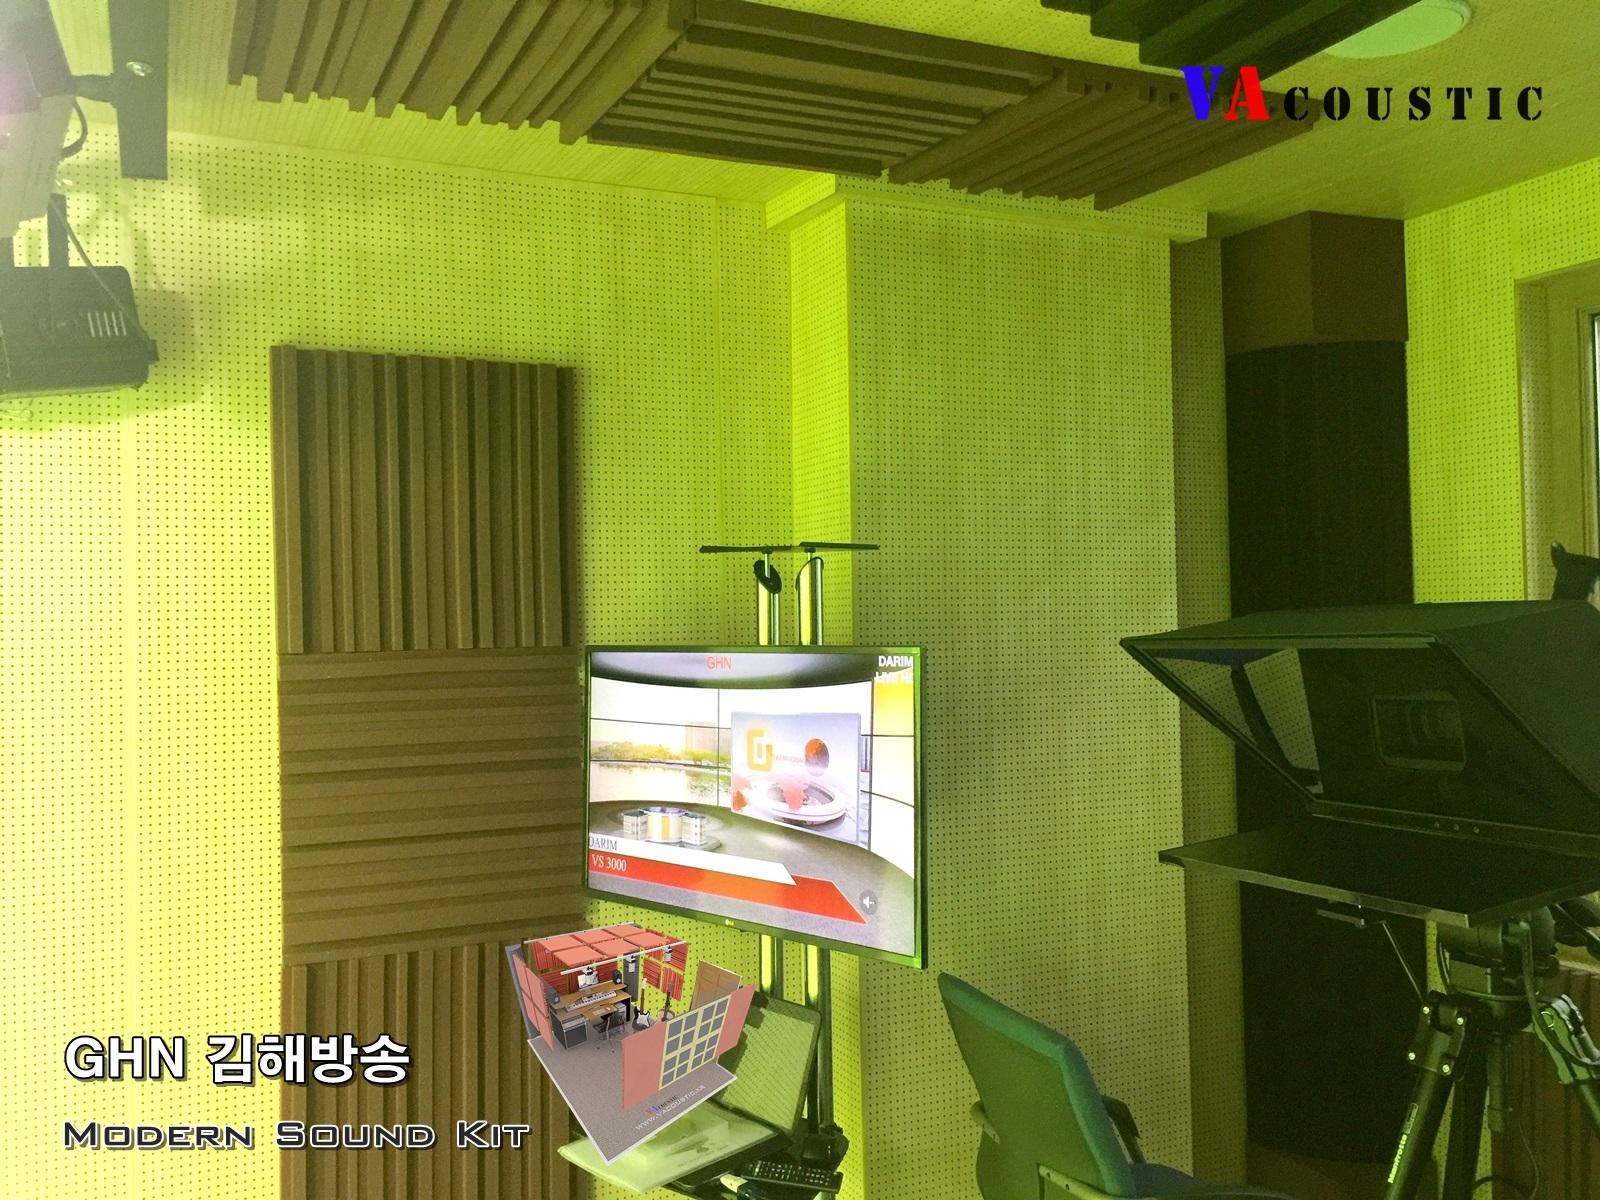 GHN_broadcast05.jpg